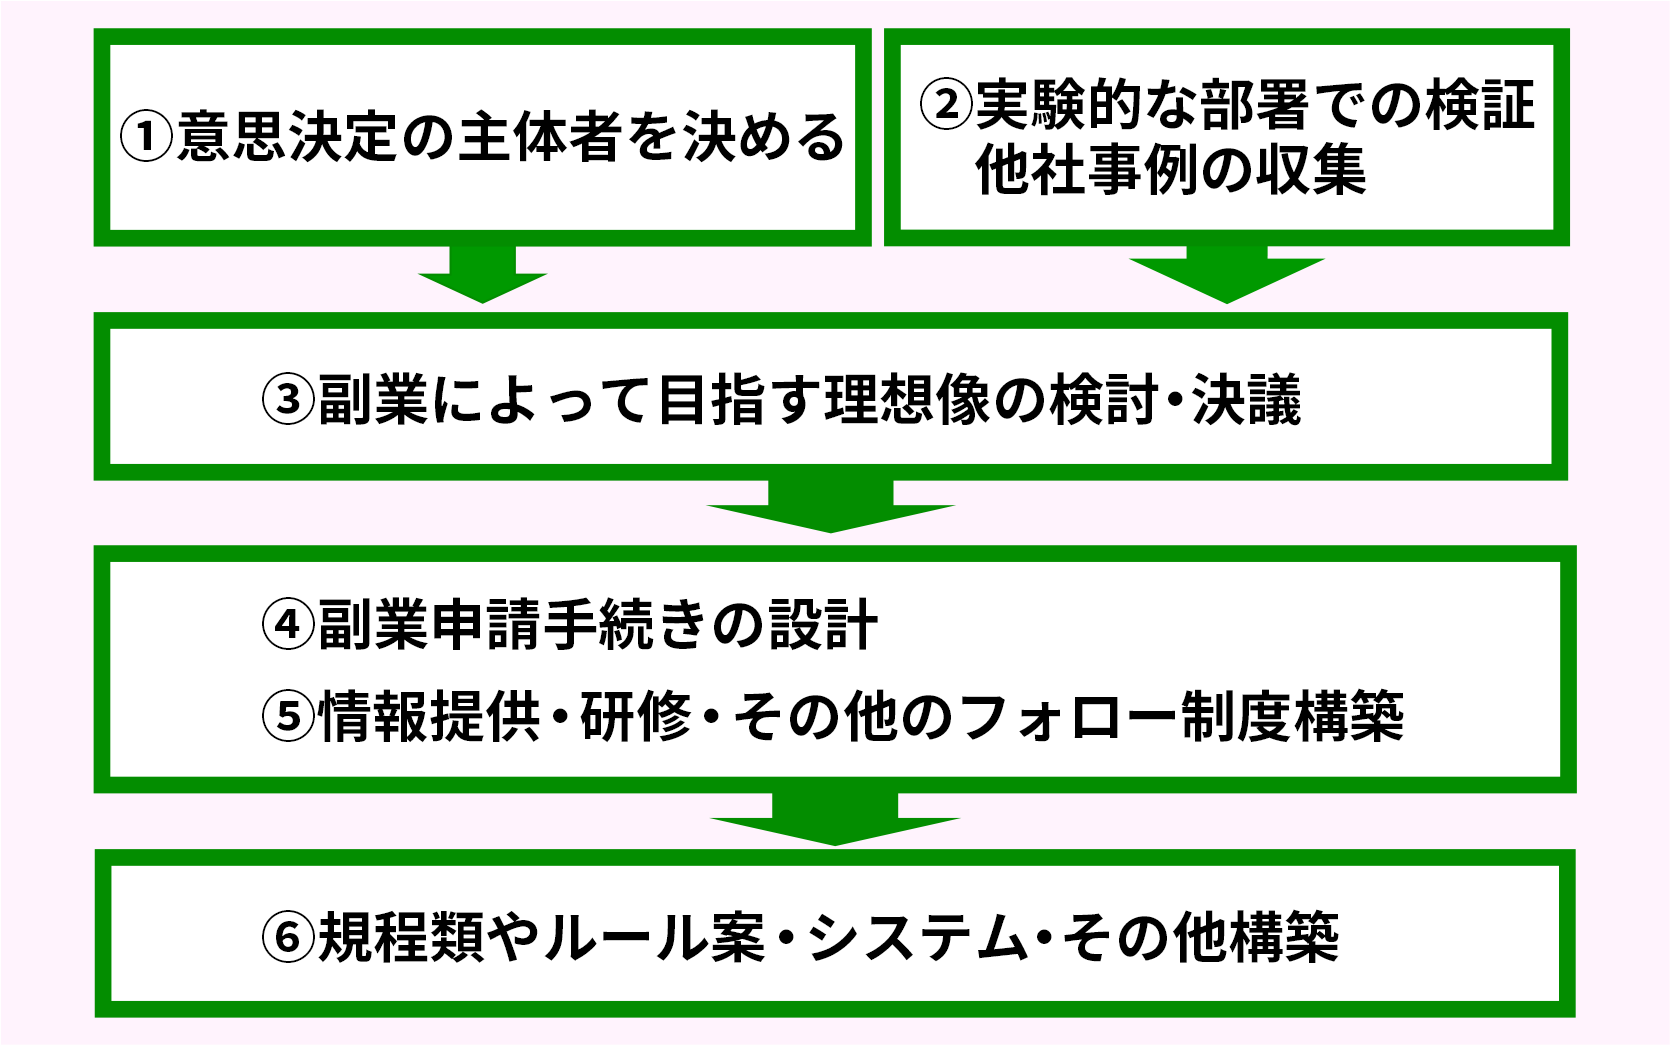 副業制度における社員の支援制度_フローチャート